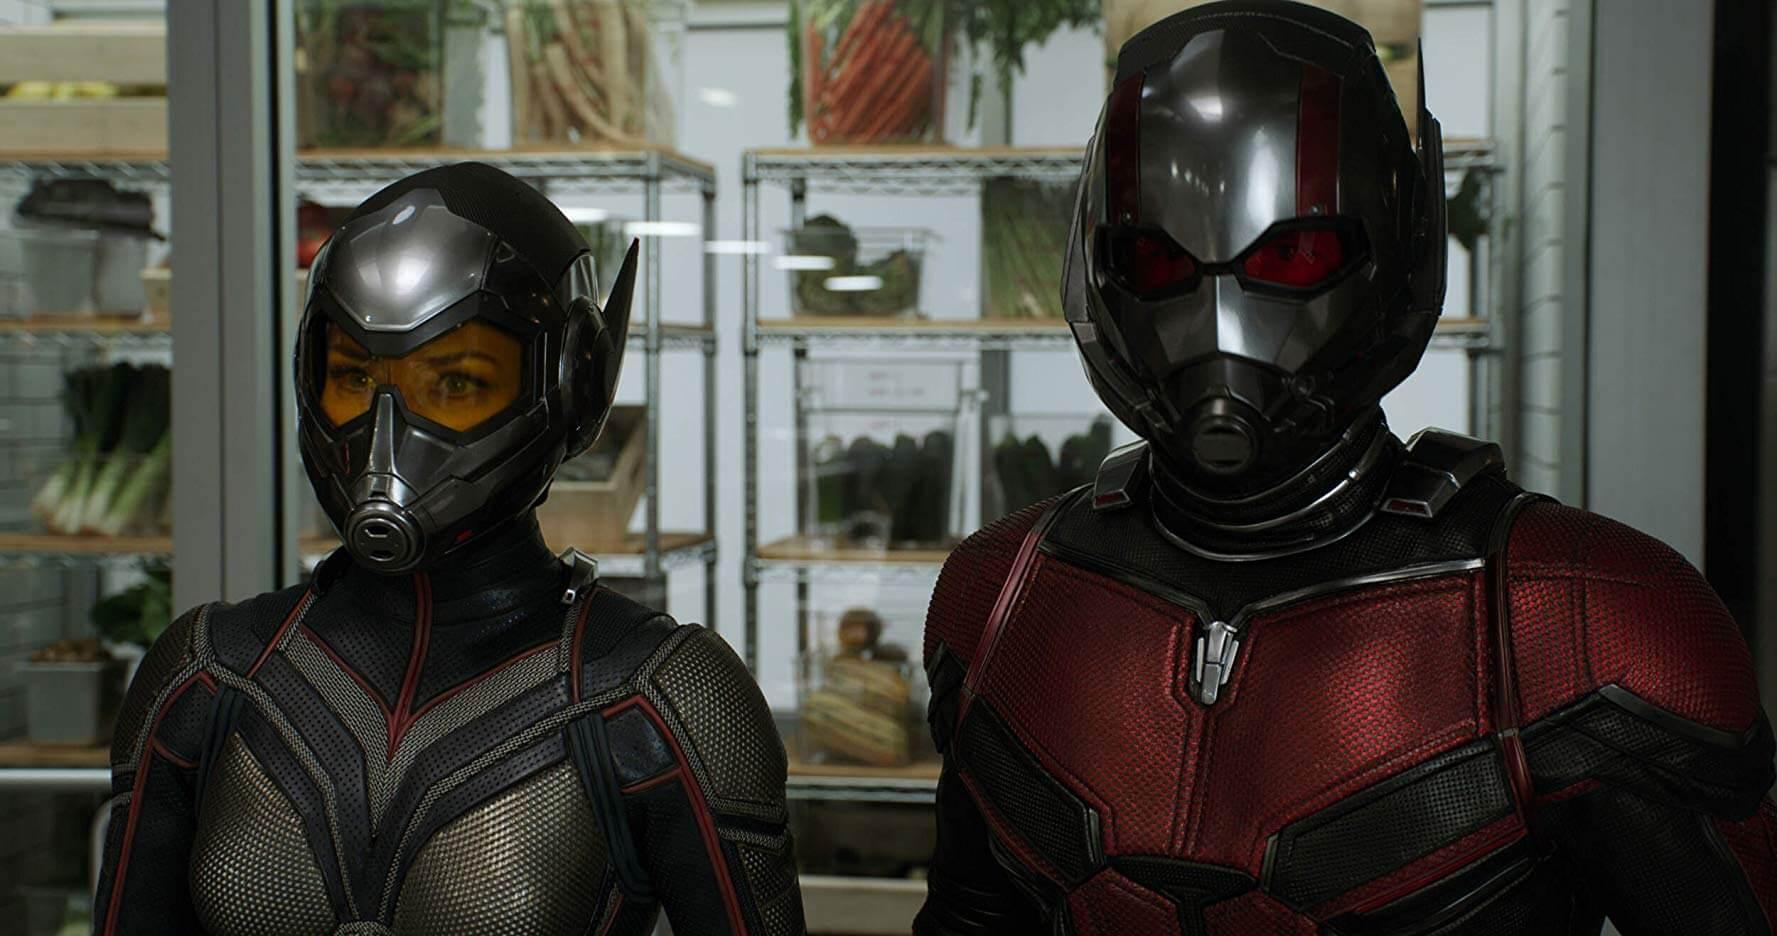 MCU 漫威 超級英雄電影 《 蟻人與黃蜂女 》 劇照 。